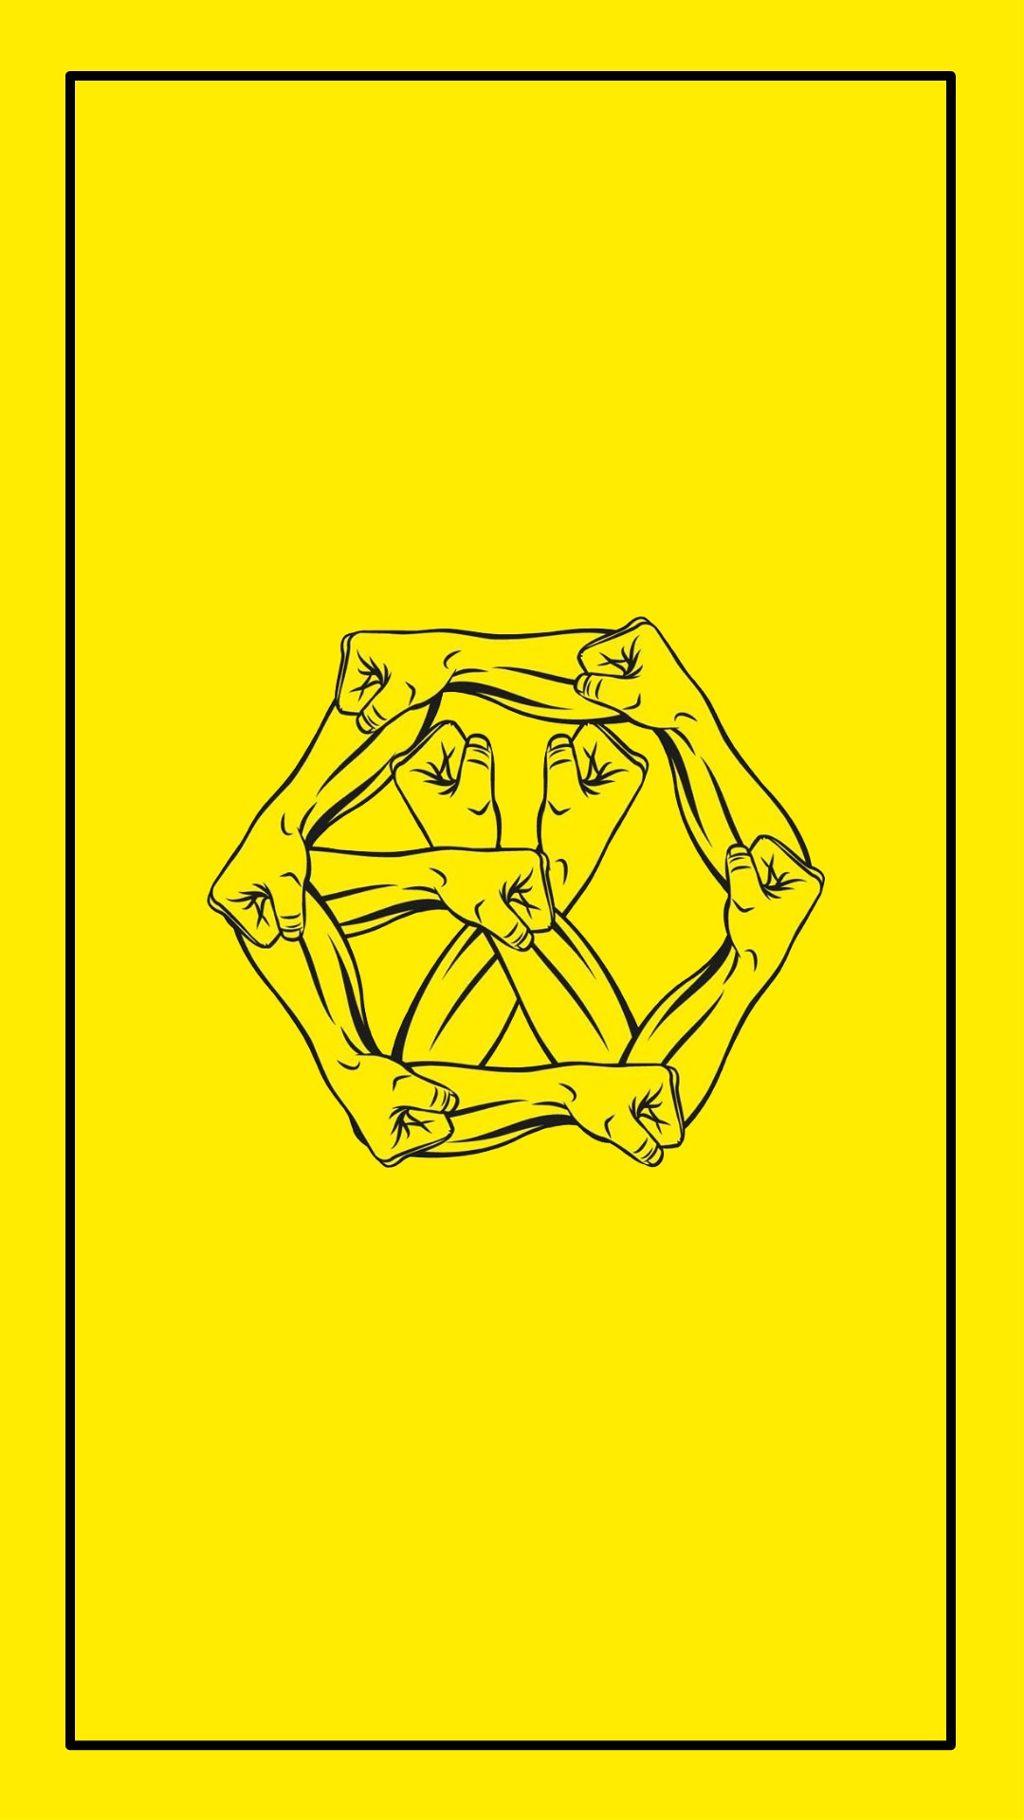 Exo Power Logo Wallpaper Yellow Xiumin Suho Chen Chanye